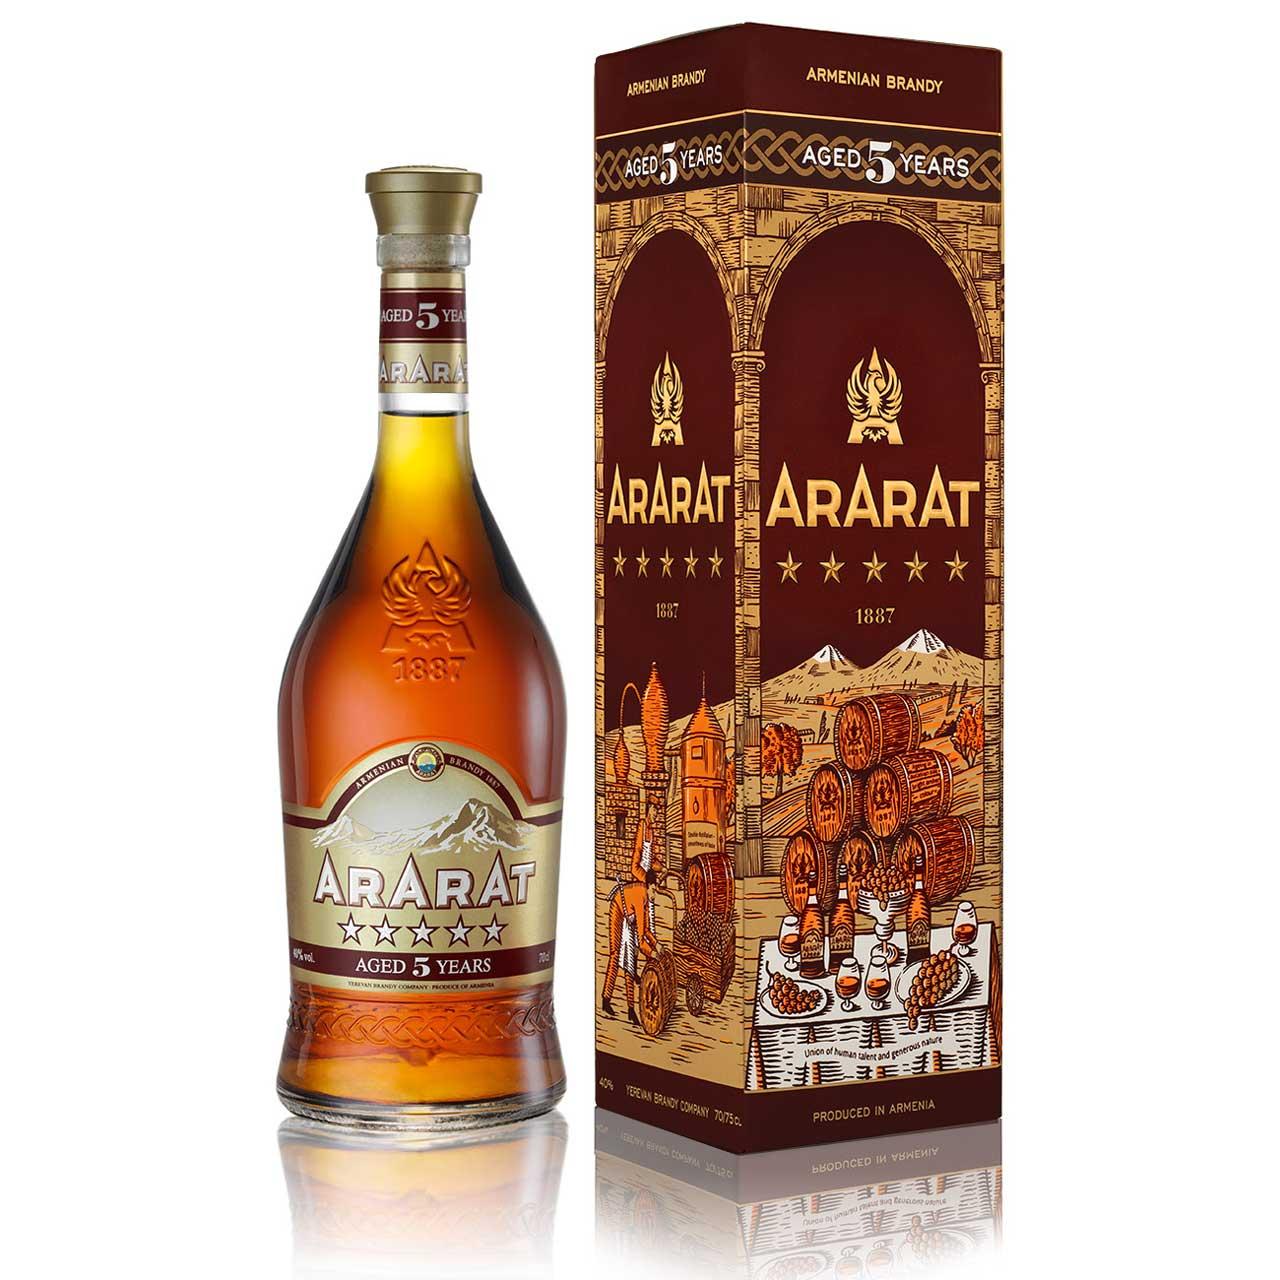 Коньяк двин описание армянского коллекционного напитка, производитель, особенности изготовления, разновидности